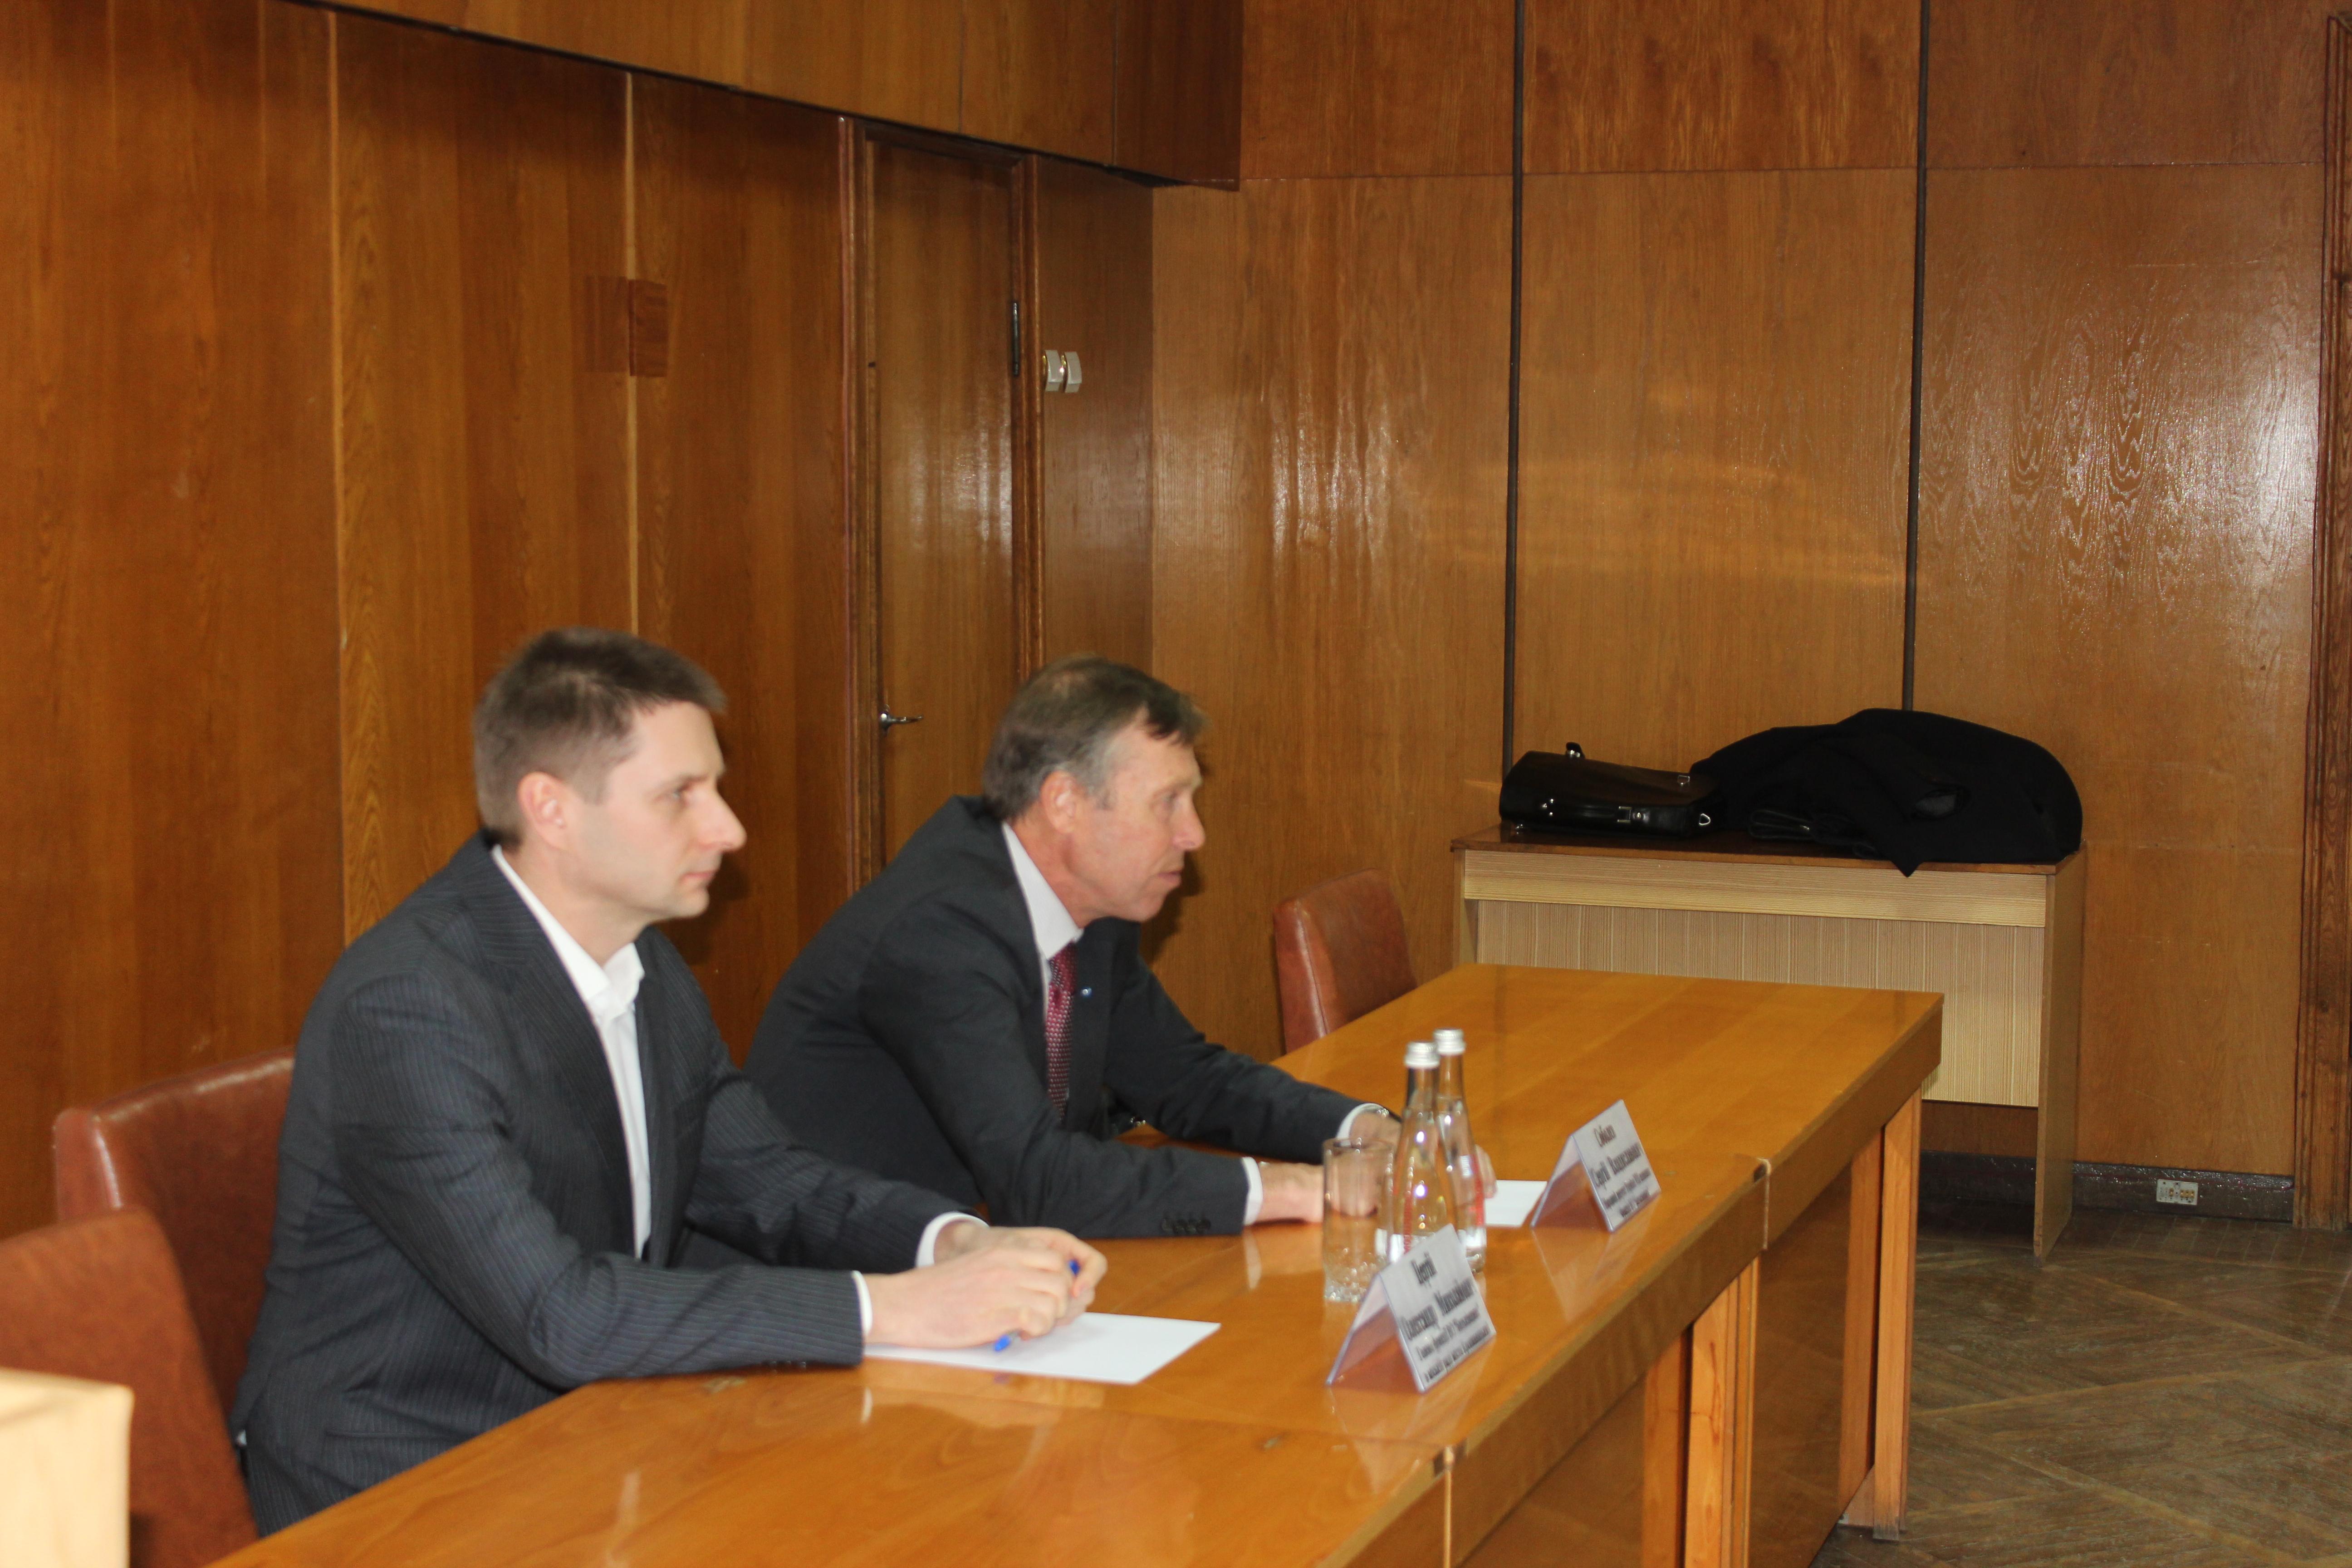 Сергій Соболєв: Вимагаємо розслідування спроб підкупу виборців штабами Порошенка